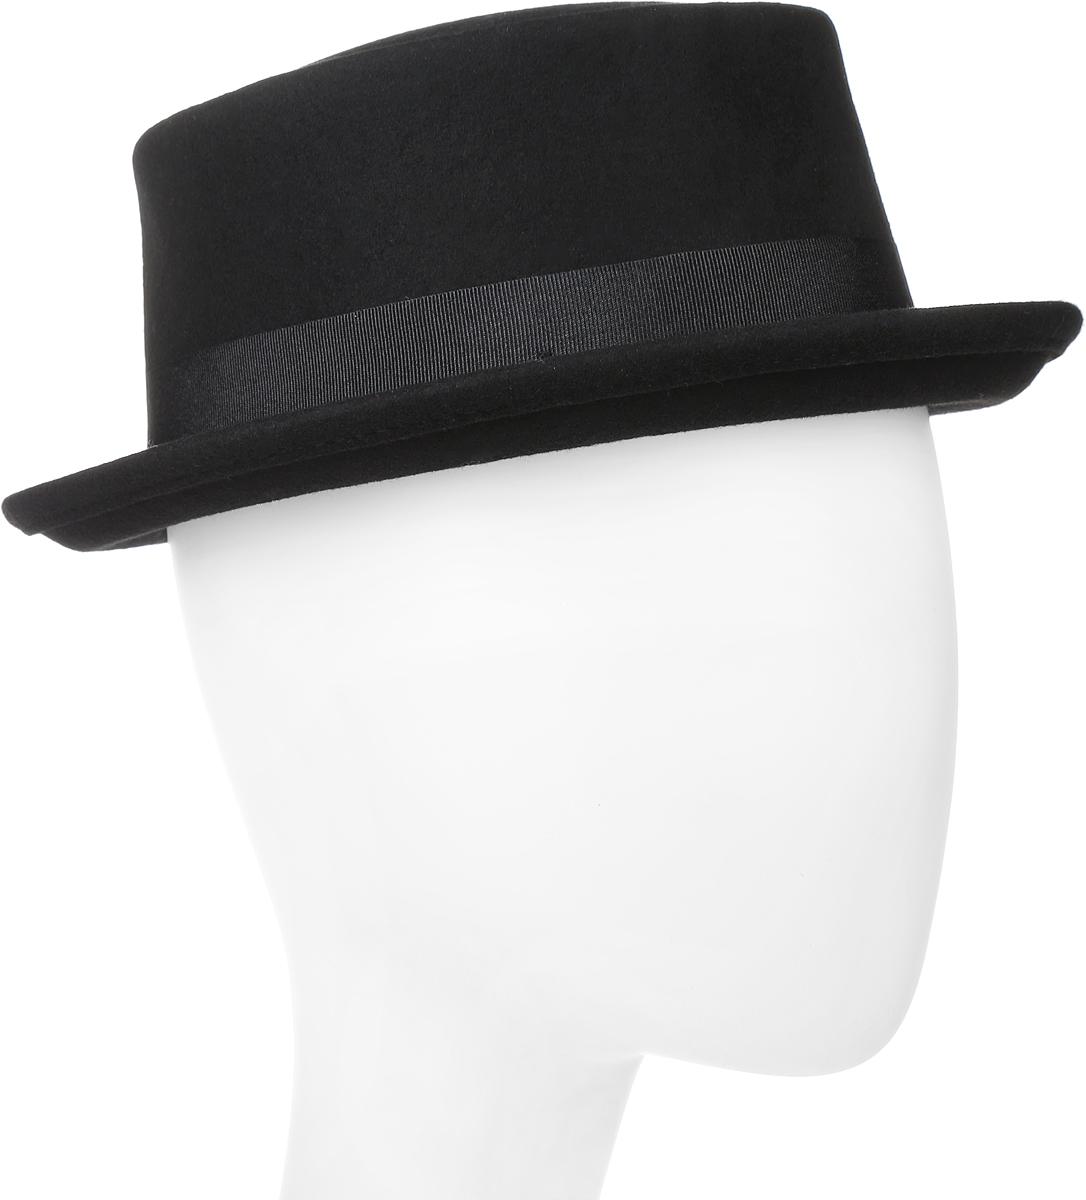 Шляпа Goorin Brothers, цвет: черный. 600-9314. Размер M (57)600-9314Элегантная шляпа Goorin Brothers, выполненная из фетра, дополнит любой образ. Модель с узкими полями и невысокой вертикальной тульей и загнутыми вверх полями. Поля зафиксированы и лучше всего смотрятся в положении вверх, но их можно изгибать вниз по желанию. Шляпа по тулье оформлена широкой репсовой лентой с перетяжкой и металлическим элементом в виде логотипа бренда. Аккуратные поля шляпы придадут вашему образу таинственности и шарма. Такая шляпа подчеркнет вашу неповторимость и прекрасный вкус.